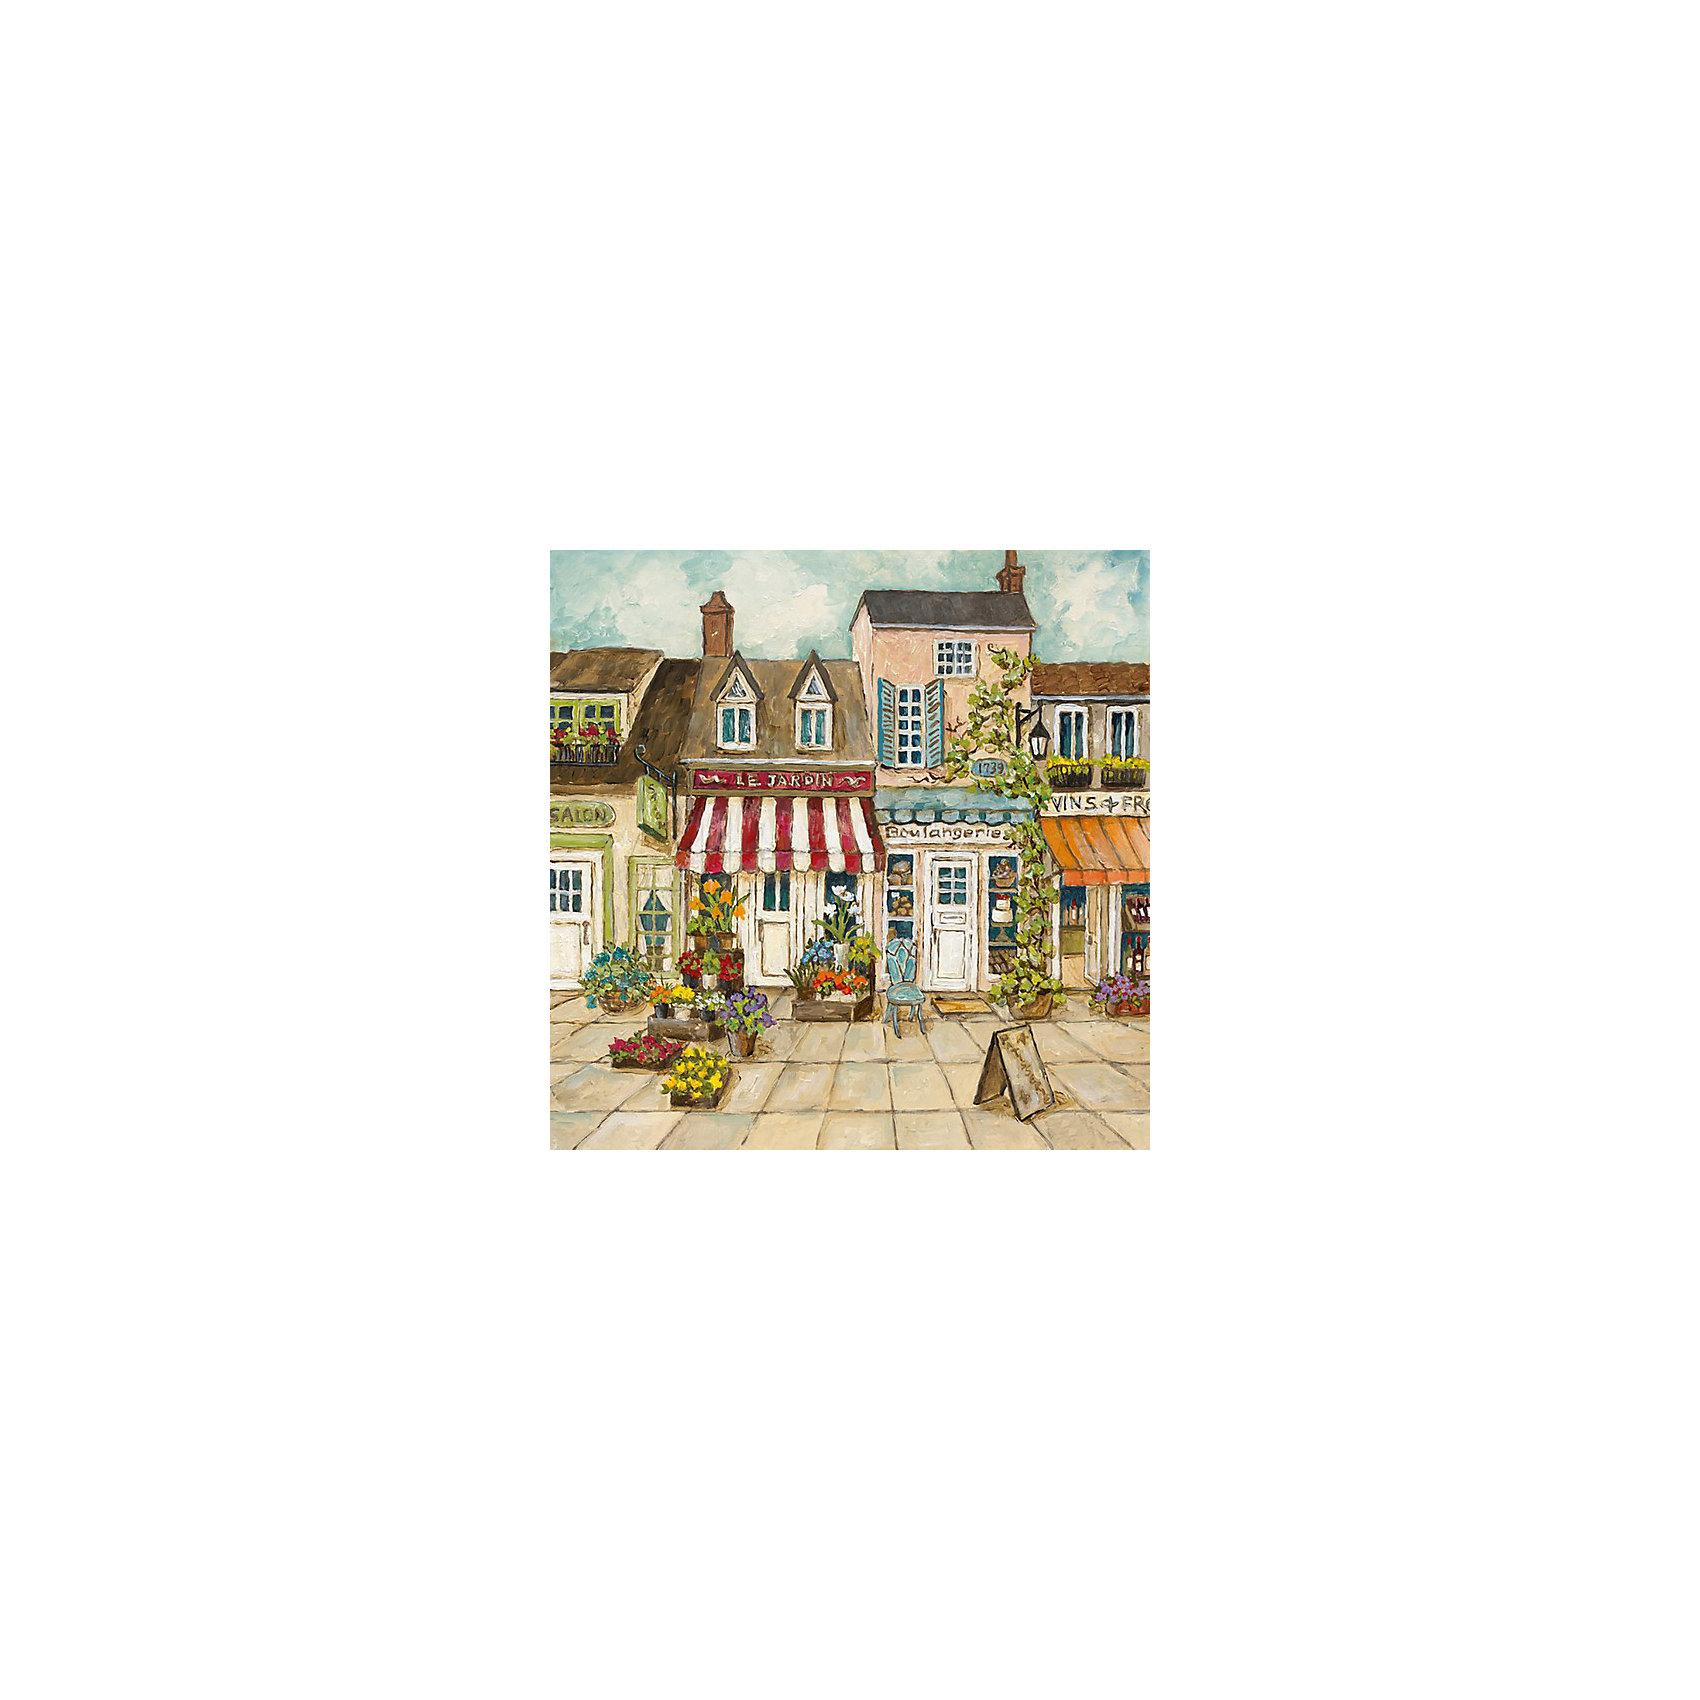 Картина - репродукция Парижская улочка, Феникс-ПрезентКартина - репродукция Парижская улочка, Феникс-Презент <br><br>Характеристики:<br><br>• масляная печать на холсте<br>• дополнена ручной подрисовкой<br>• без рамки<br>• размер: 50х50х2,5 см<br><br>Картина - прекрасное дополнение к интерьеру дома. Она поднимет настроение и внесет гармонию в ваш дом. Масляная печать дополнена ручной подрисовкой масляными красками. На картине изображен фрагмент улицы Парижа. Размер картины - 50х50 сантиметров.<br><br>Картина - репродукция Парижская улочка, Феникс-Презент можно купить в нашем интернет-магазине.<br><br>Ширина мм: 500<br>Глубина мм: 500<br>Высота мм: 250<br>Вес г: 355<br>Возраст от месяцев: -2147483648<br>Возраст до месяцев: 2147483647<br>Пол: Унисекс<br>Возраст: Детский<br>SKU: 5449542